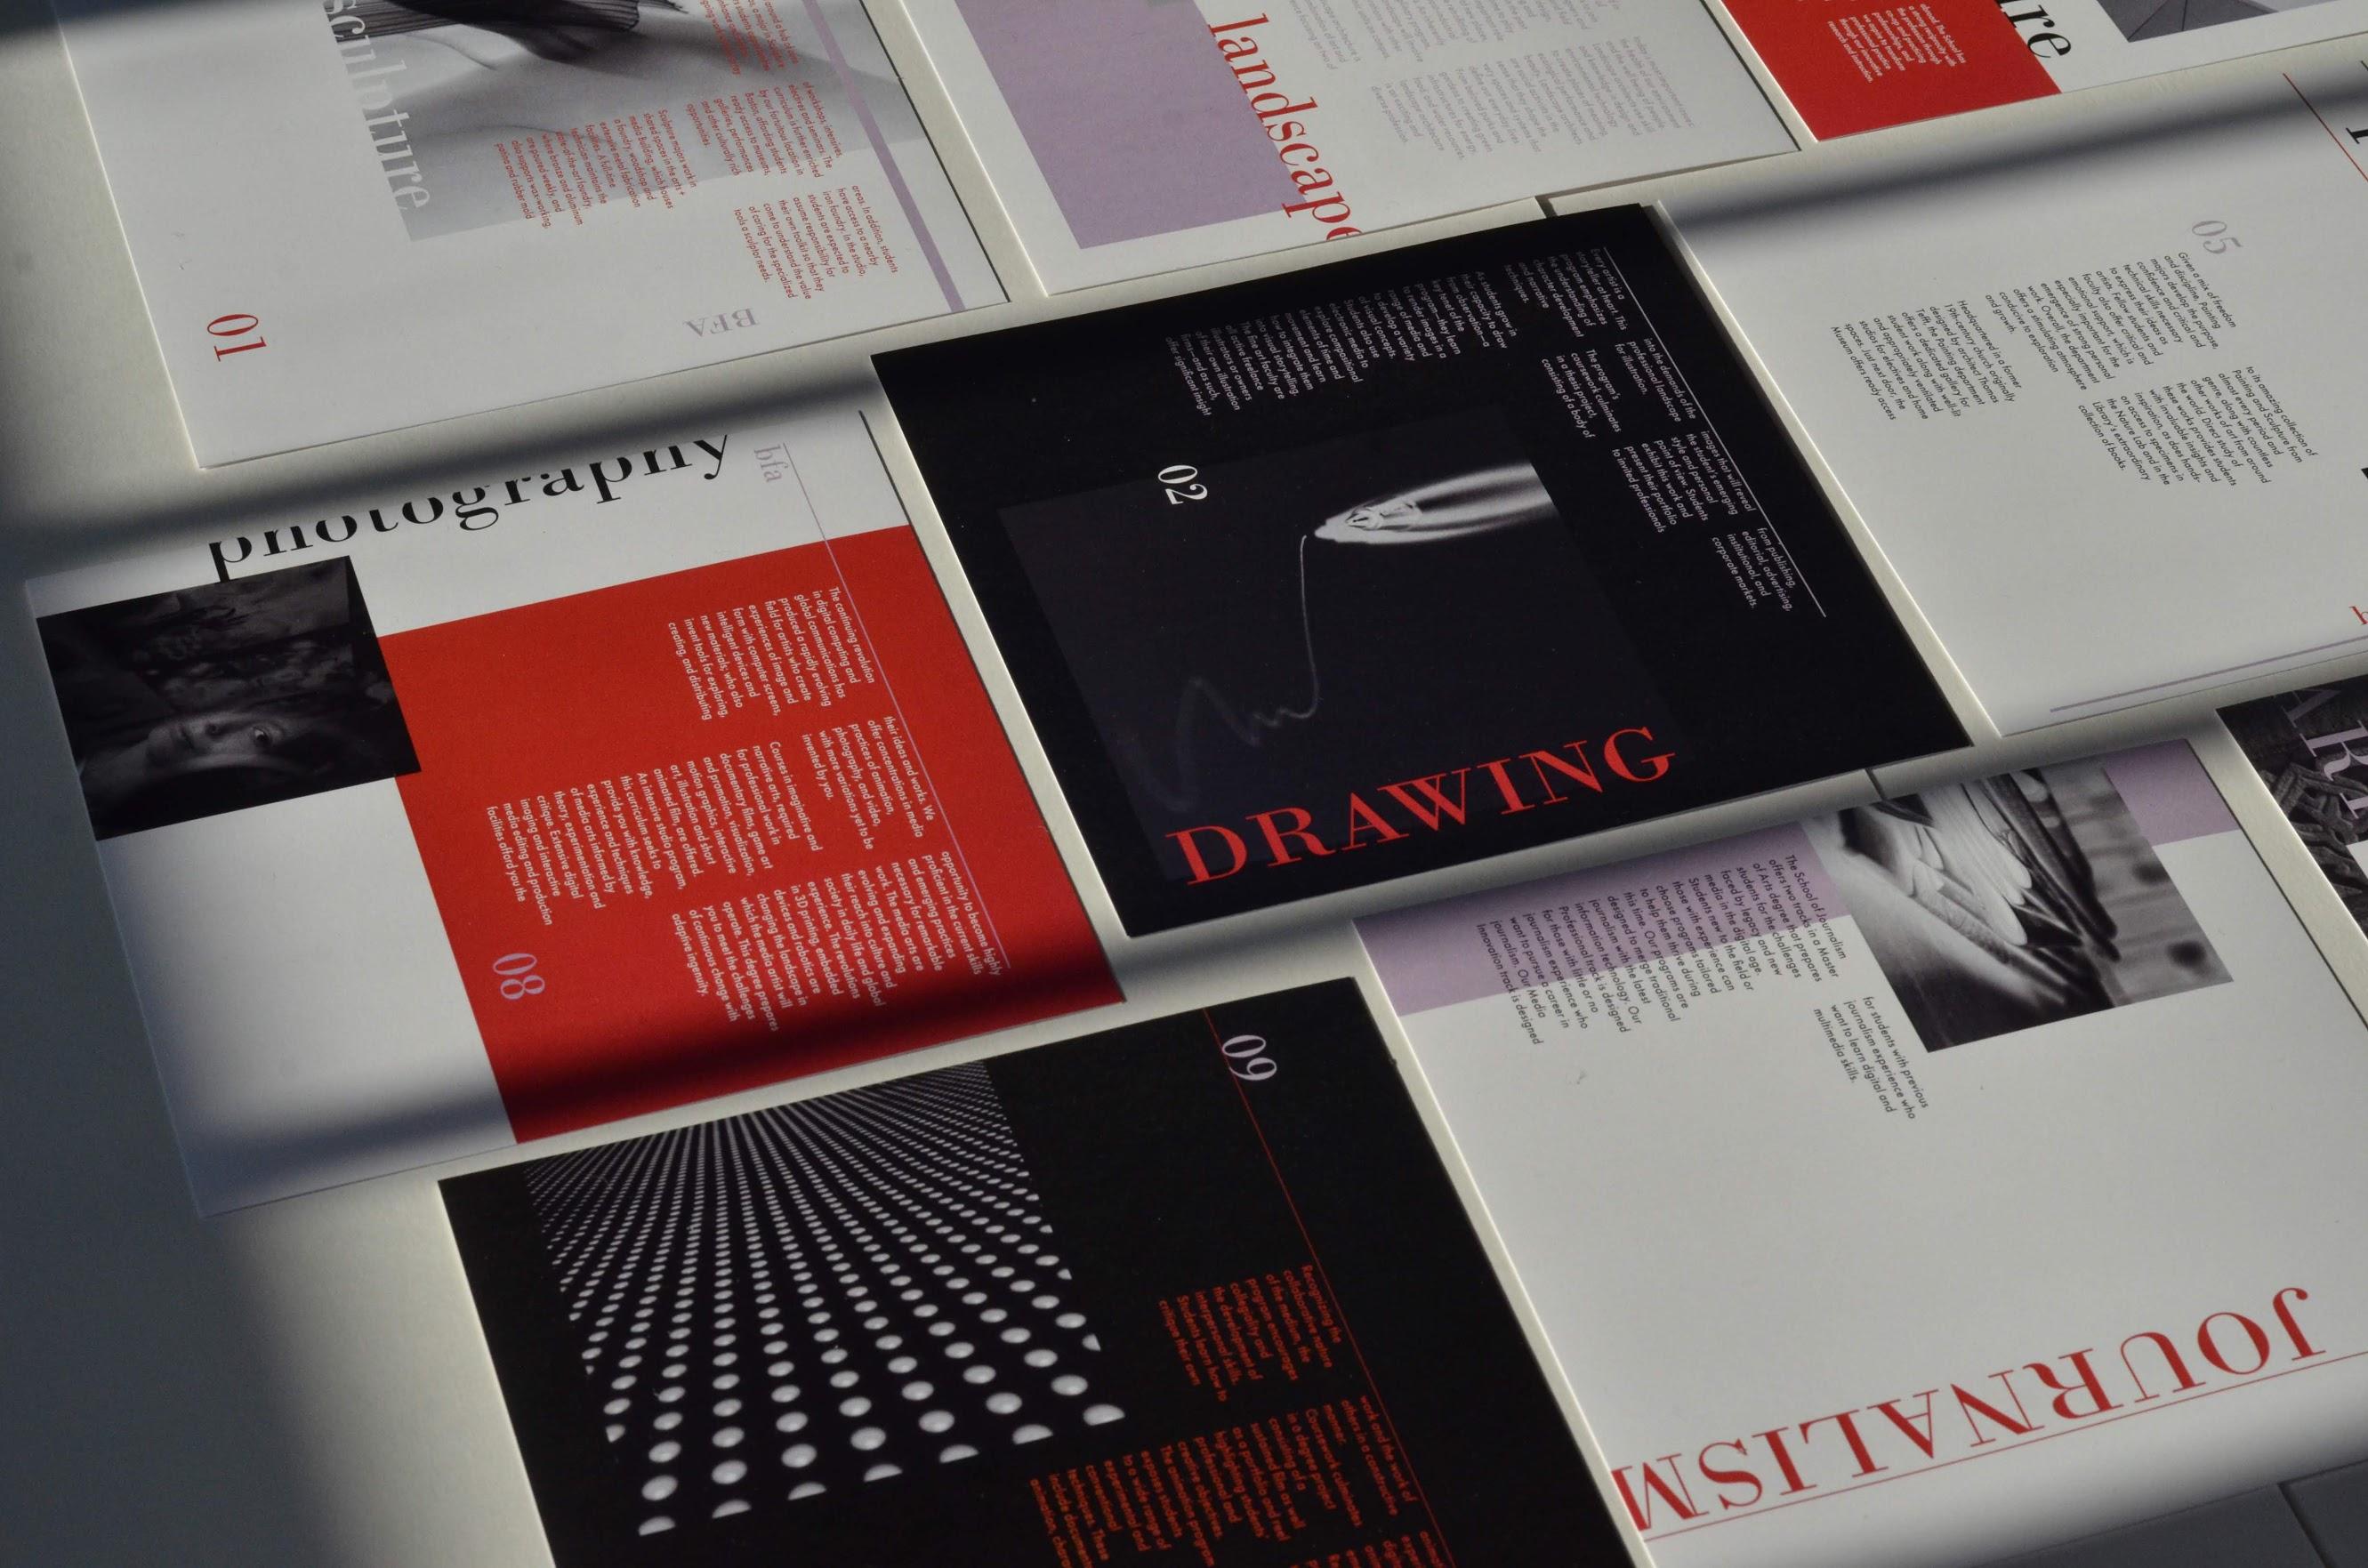 a card advertising a part of an art school